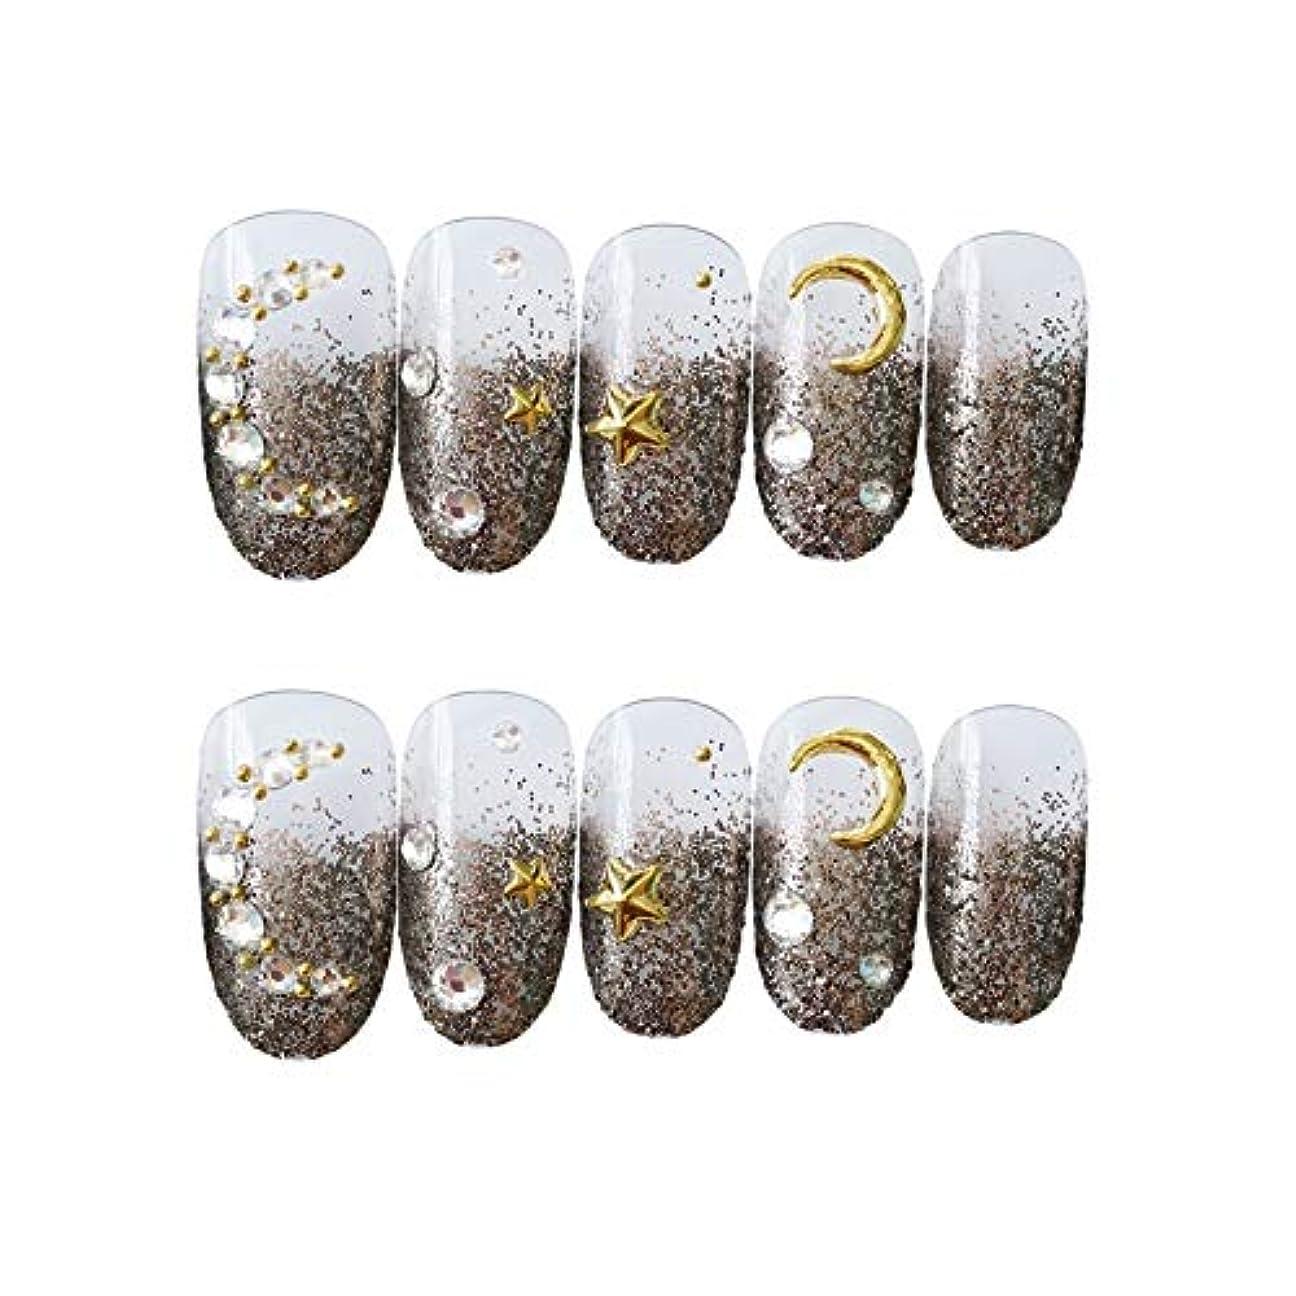 畝間遠洋の明らかにDARLE HOME 3D ネイルチップ 綺麗な飾り付け 24枚入 原宿 和風 夢幻 和装 手作りネイルチップ 結婚式ネイルチップ